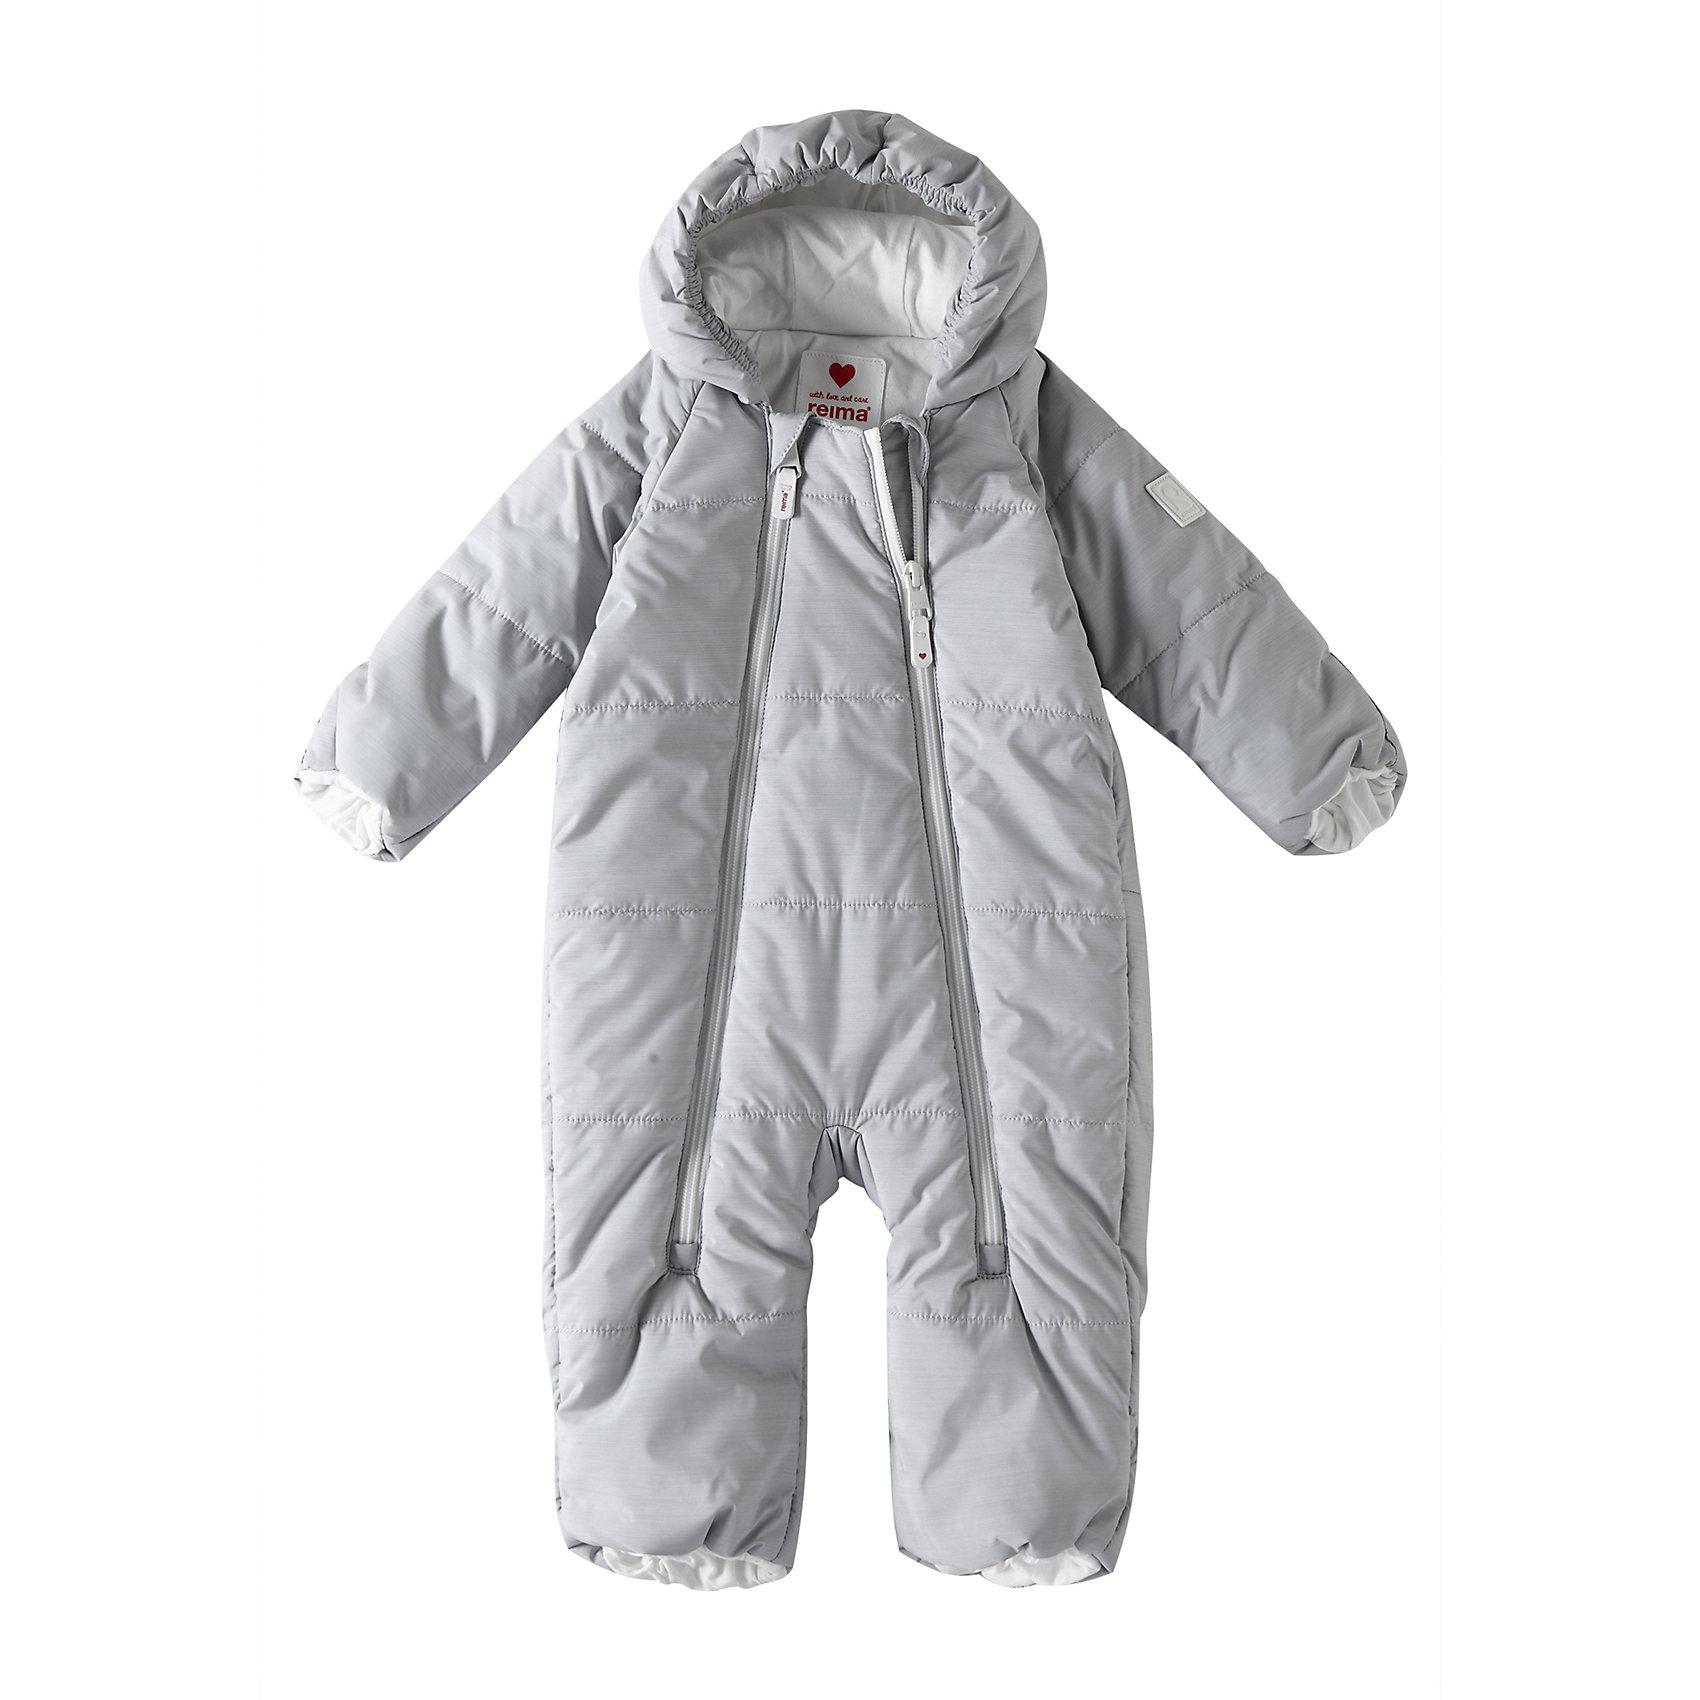 Комбинезон Lumikko ReimaВерхняя одежда<br>Симпатичный и невероятно теплый комбинезон для самых маленьких! Этот комбинезон для новорожденных сшит из водо- и ветронепроницаемого материала и подбит мягкой подкладкой из джерси. Он снабжен подворачивающимися манжетами на рукавах и концах брючин, а также несъемным капюшоном – так что в аксессуарах нет нужды.<br>Состав:<br>100% Полиэстер<br><br>Ширина мм: 356<br>Глубина мм: 10<br>Высота мм: 245<br>Вес г: 519<br>Цвет: серый<br>Возраст от месяцев: 0<br>Возраст до месяцев: 1<br>Пол: Унисекс<br>Возраст: Детский<br>Размер: 50/56,74/80,62/68<br>SKU: 6968361